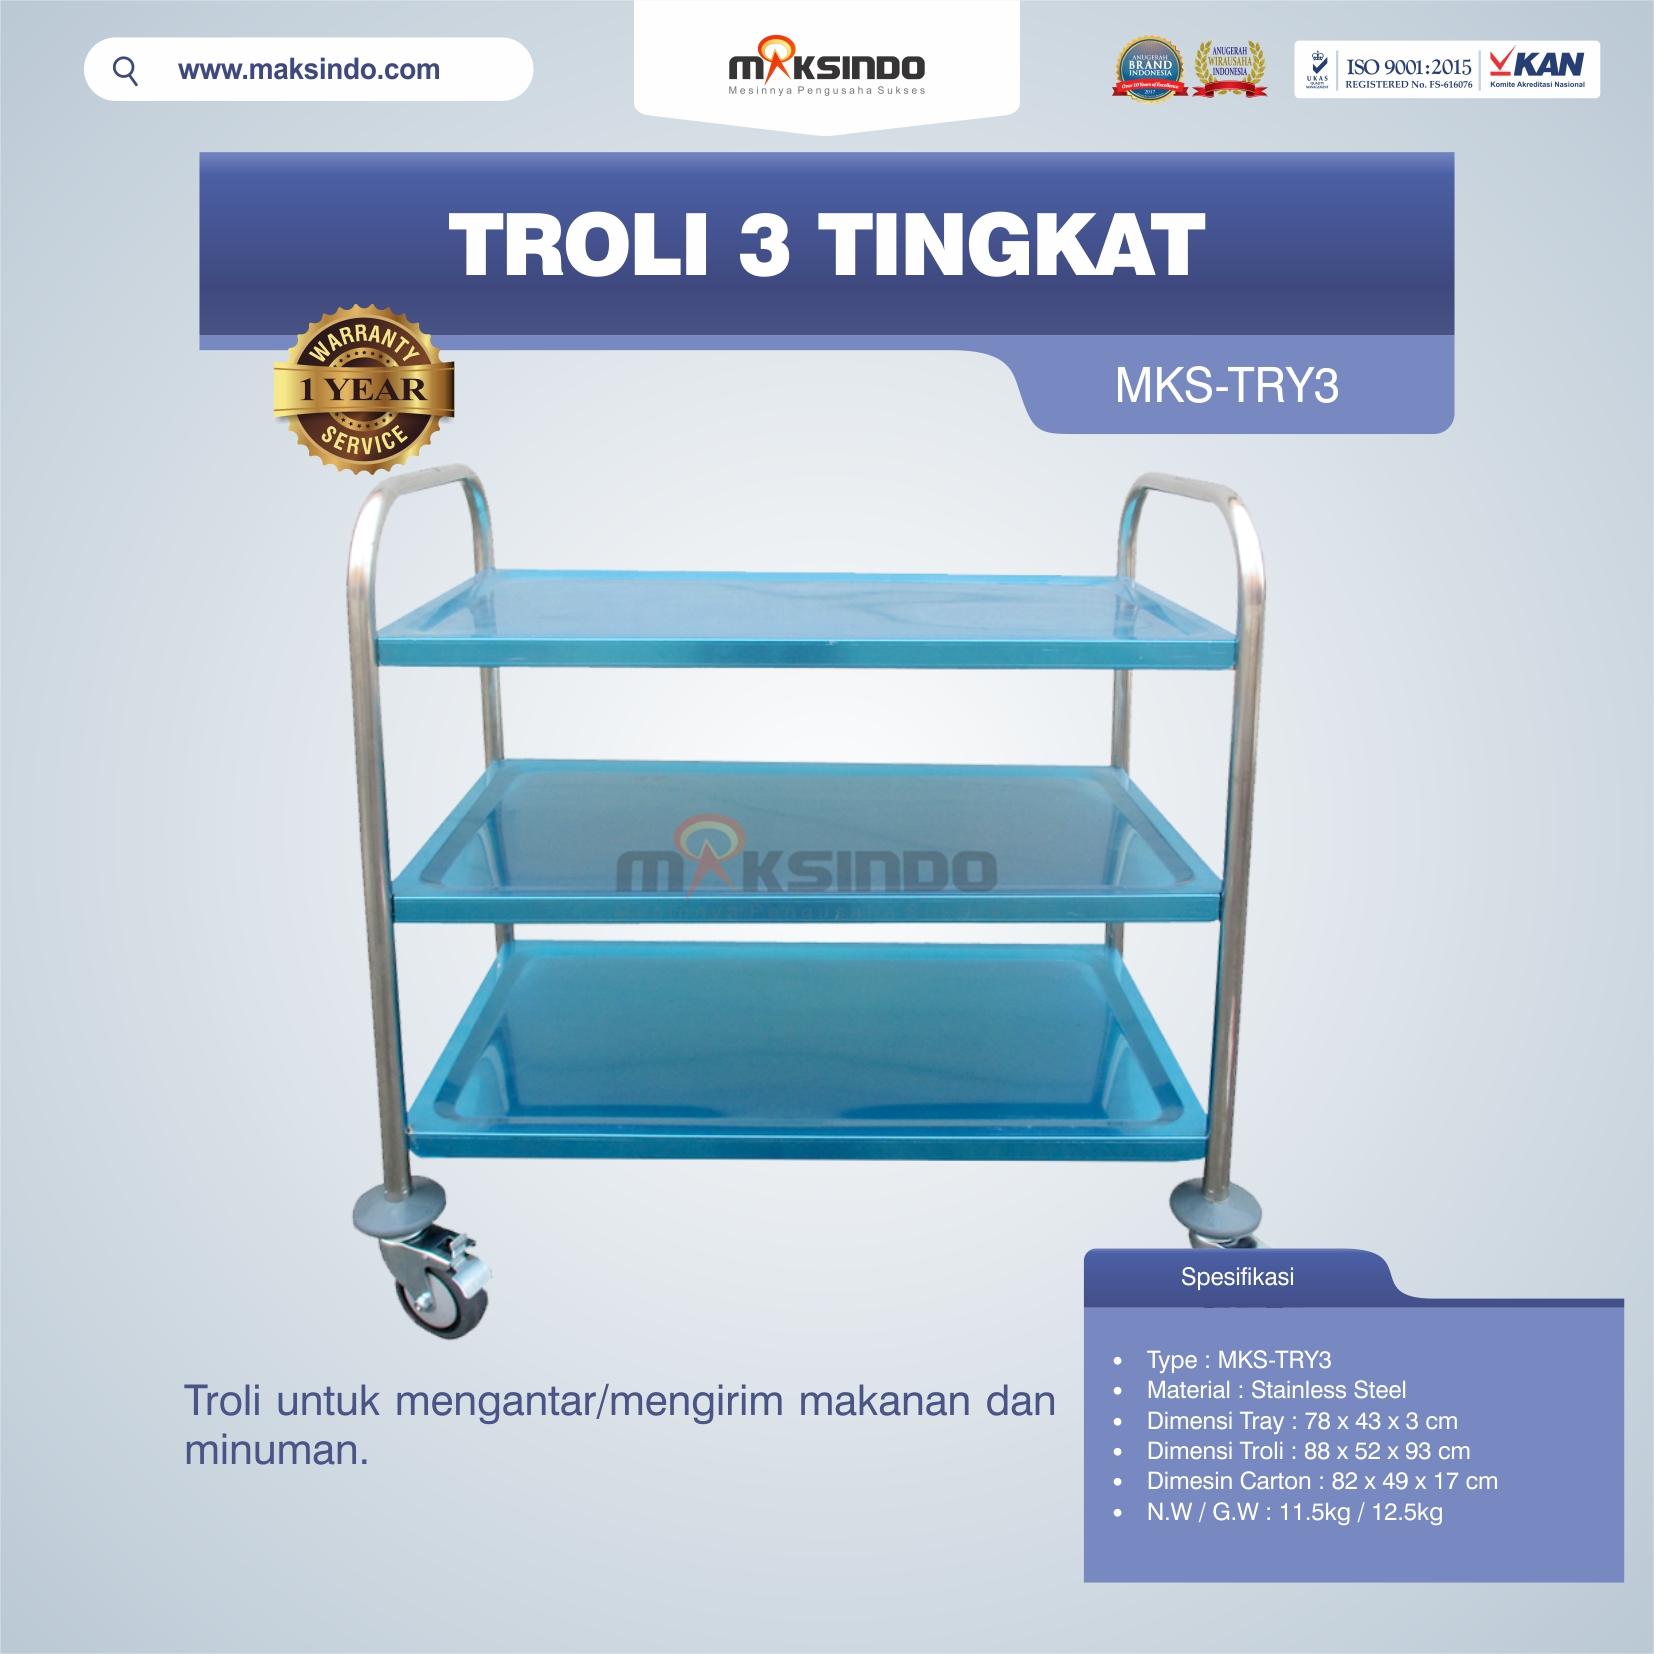 Jual Troli 3 Tingkat MKS-TRY3 di Tangerang